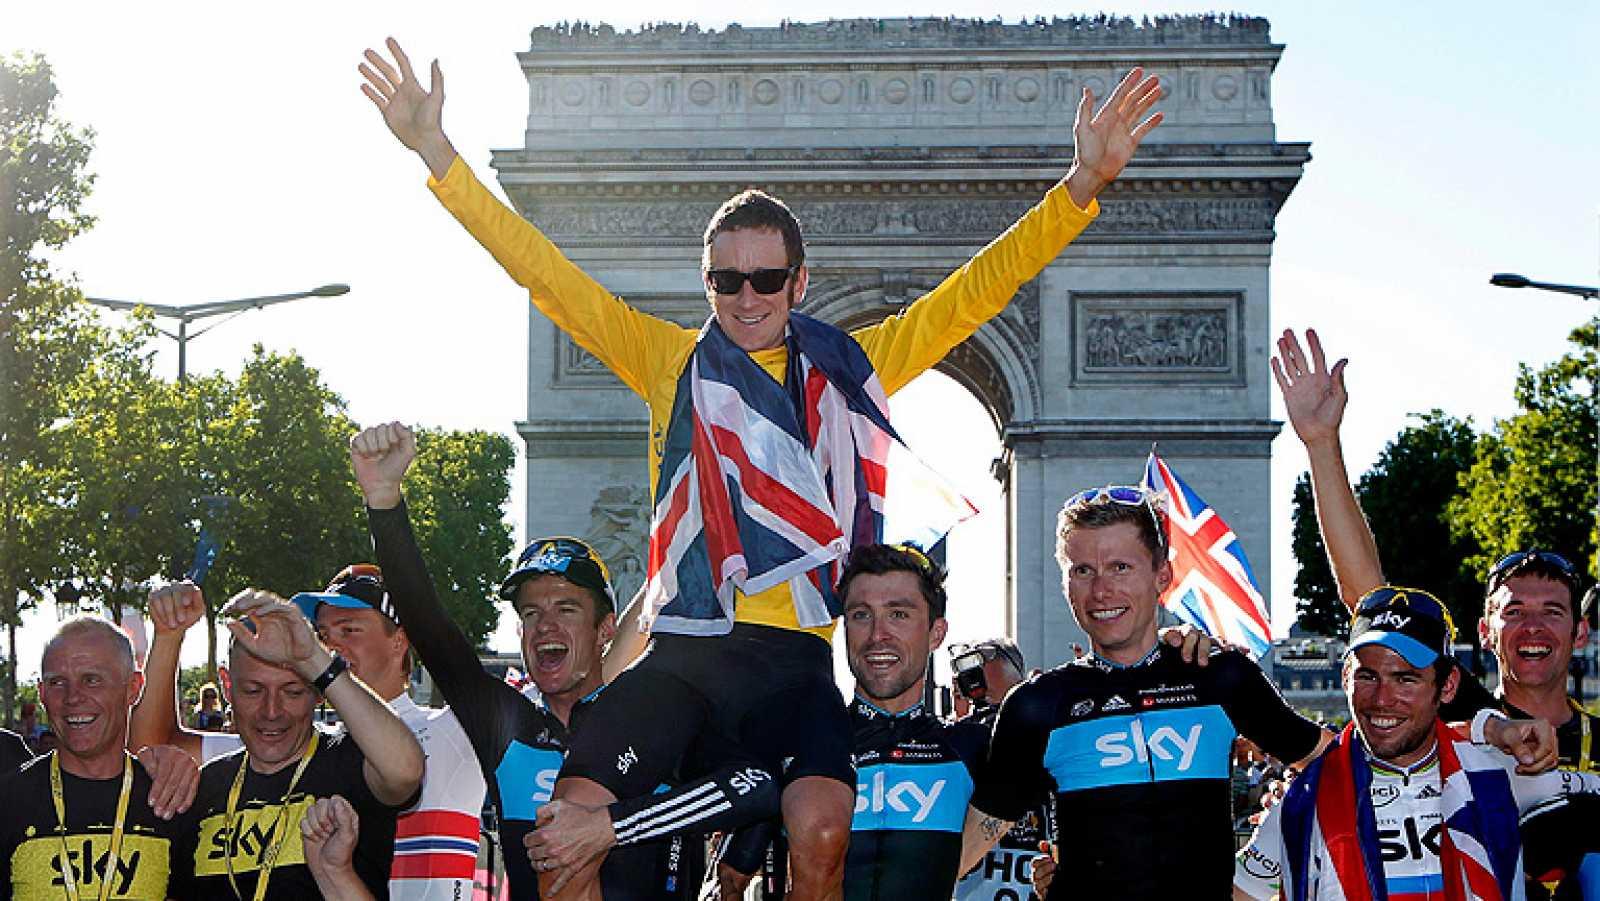 El primer inglés en ganar el Tour de France